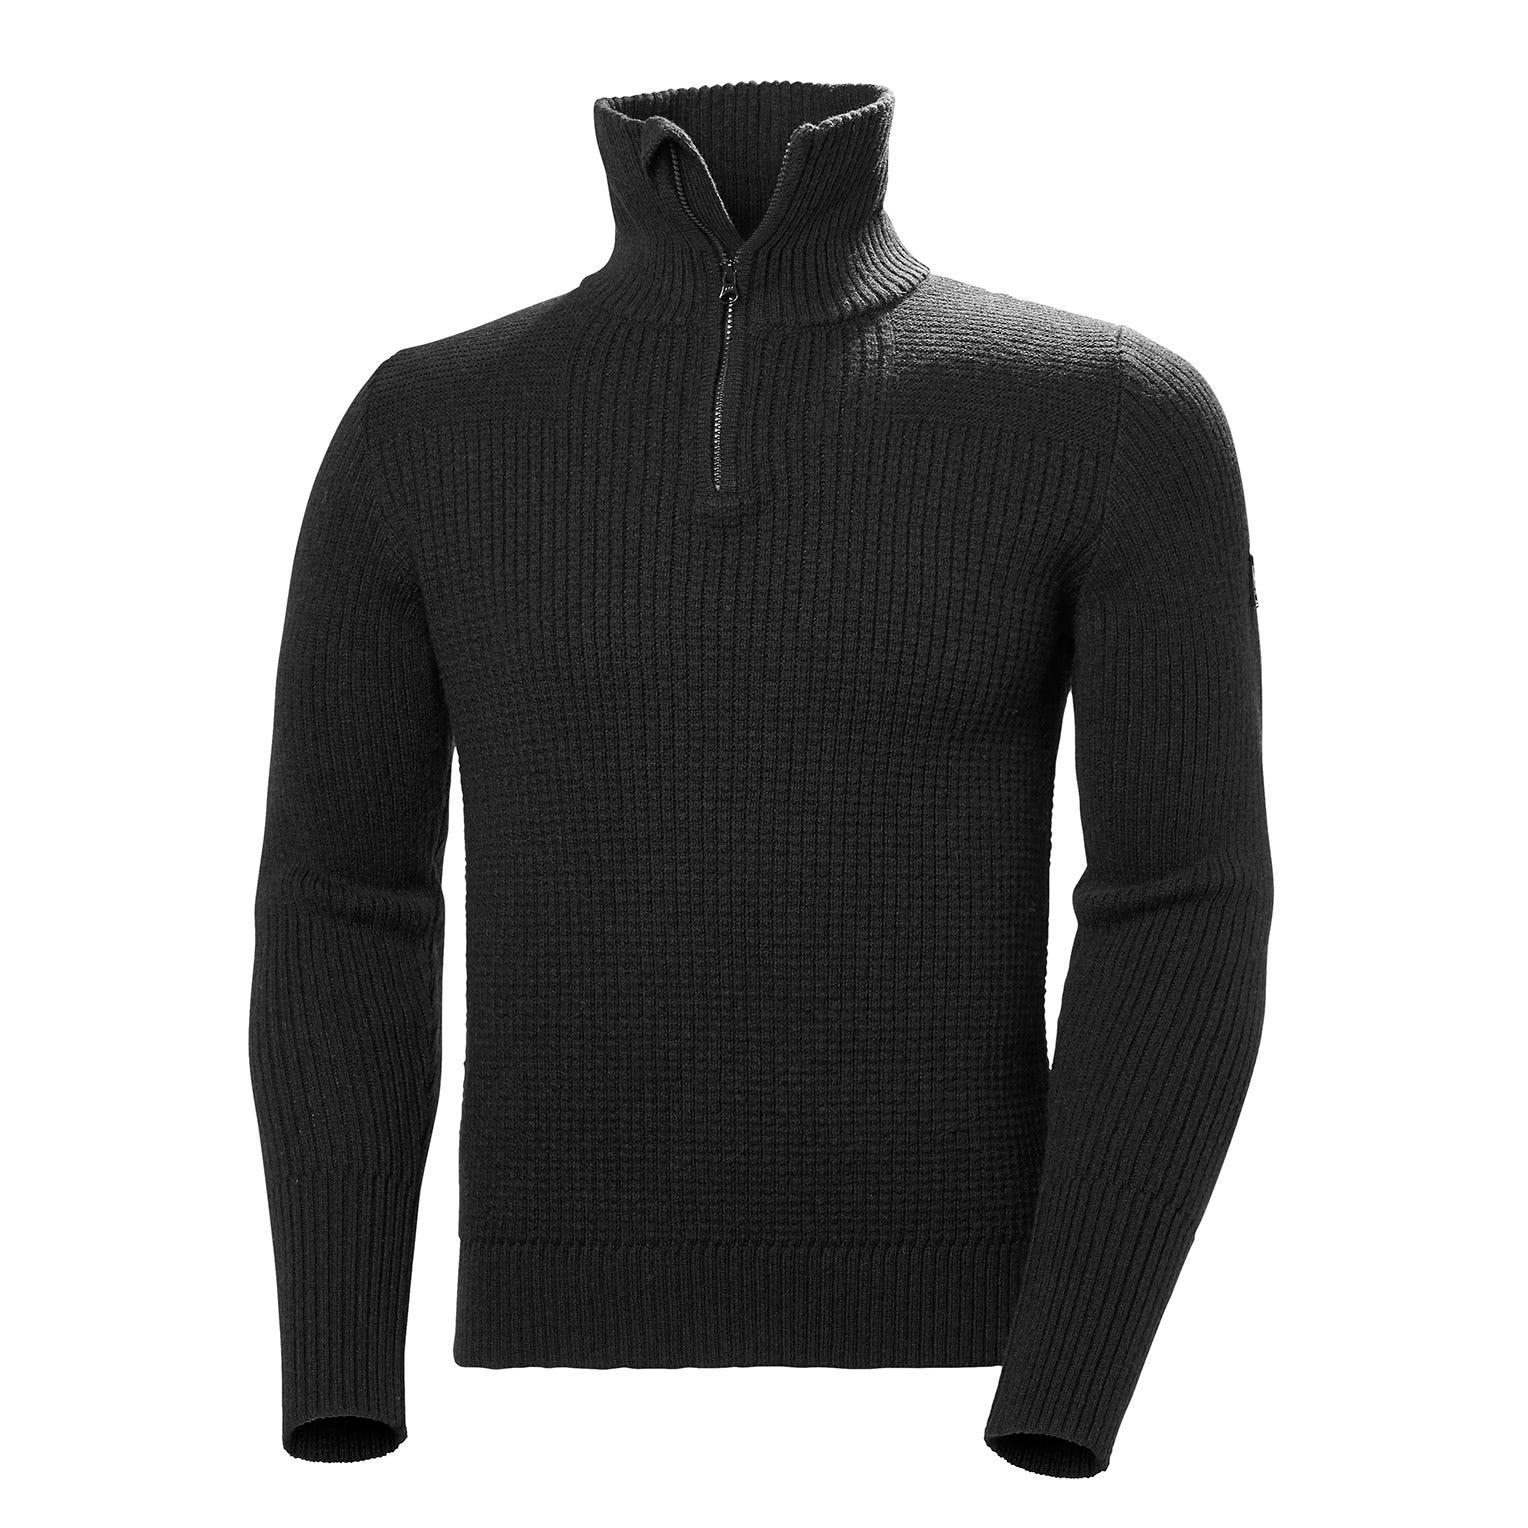 Mens Marka Knitted Wool Jumper | Helly Hansen Mens Fleece Black S